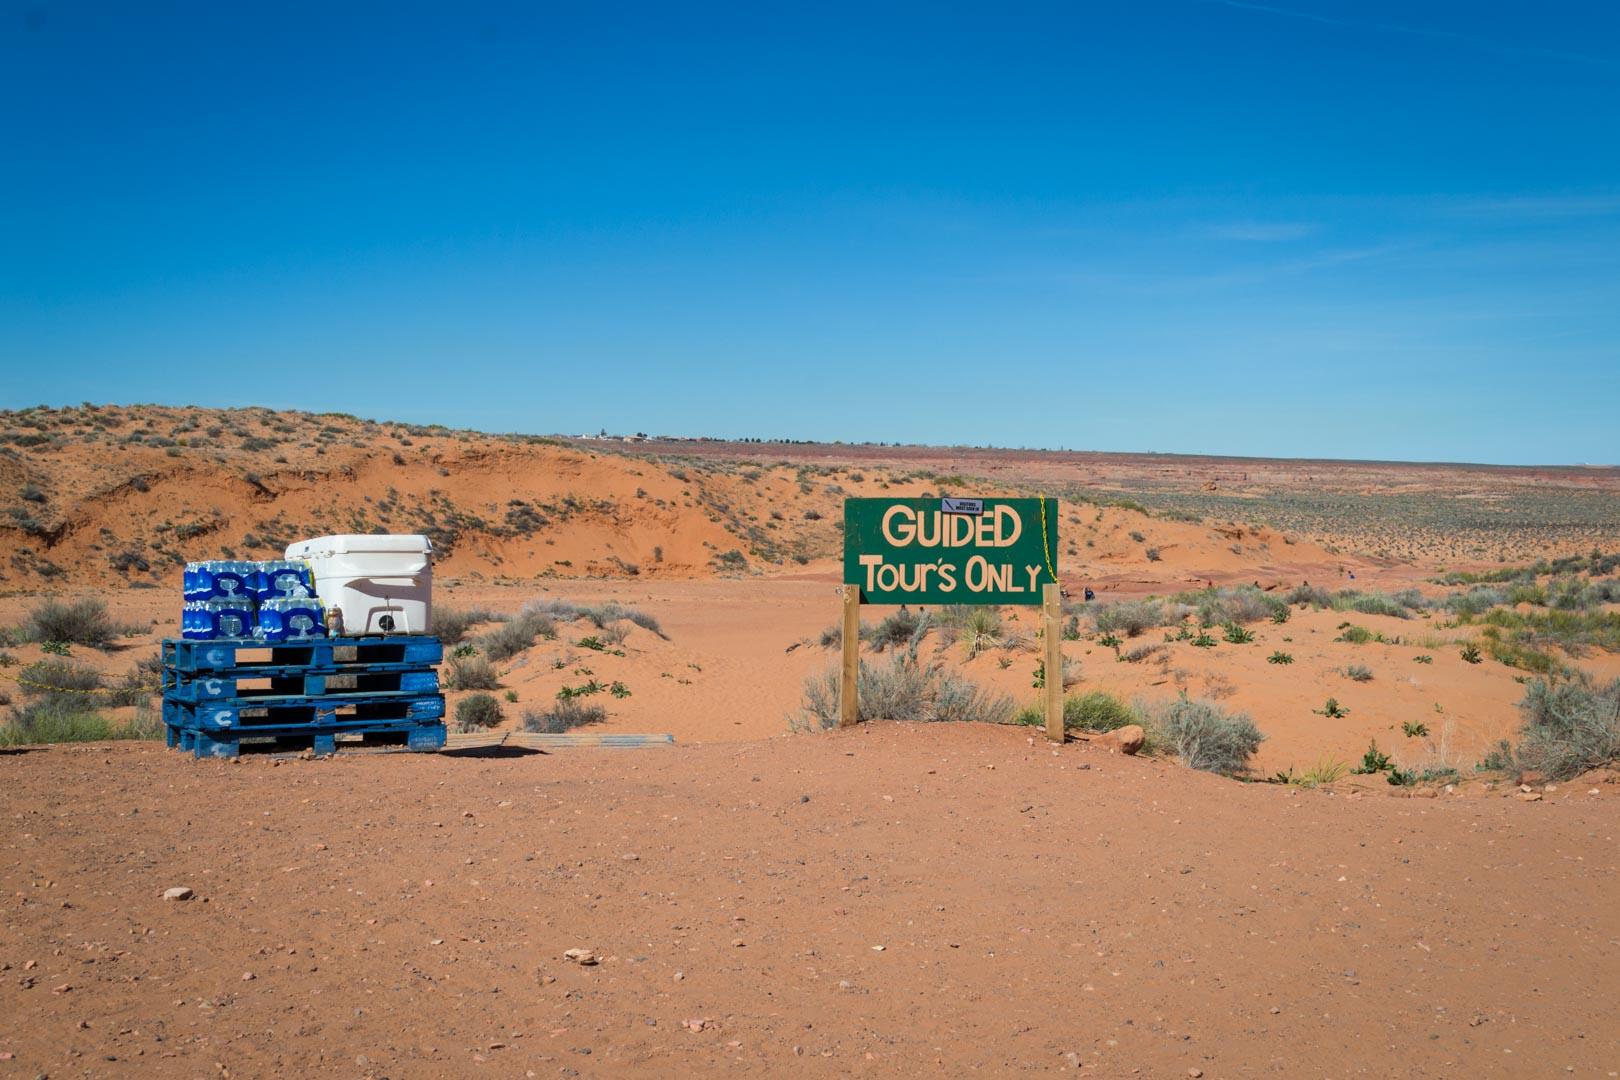 Le début de la visite : pas évident de visualiser le canyon à ce stade !